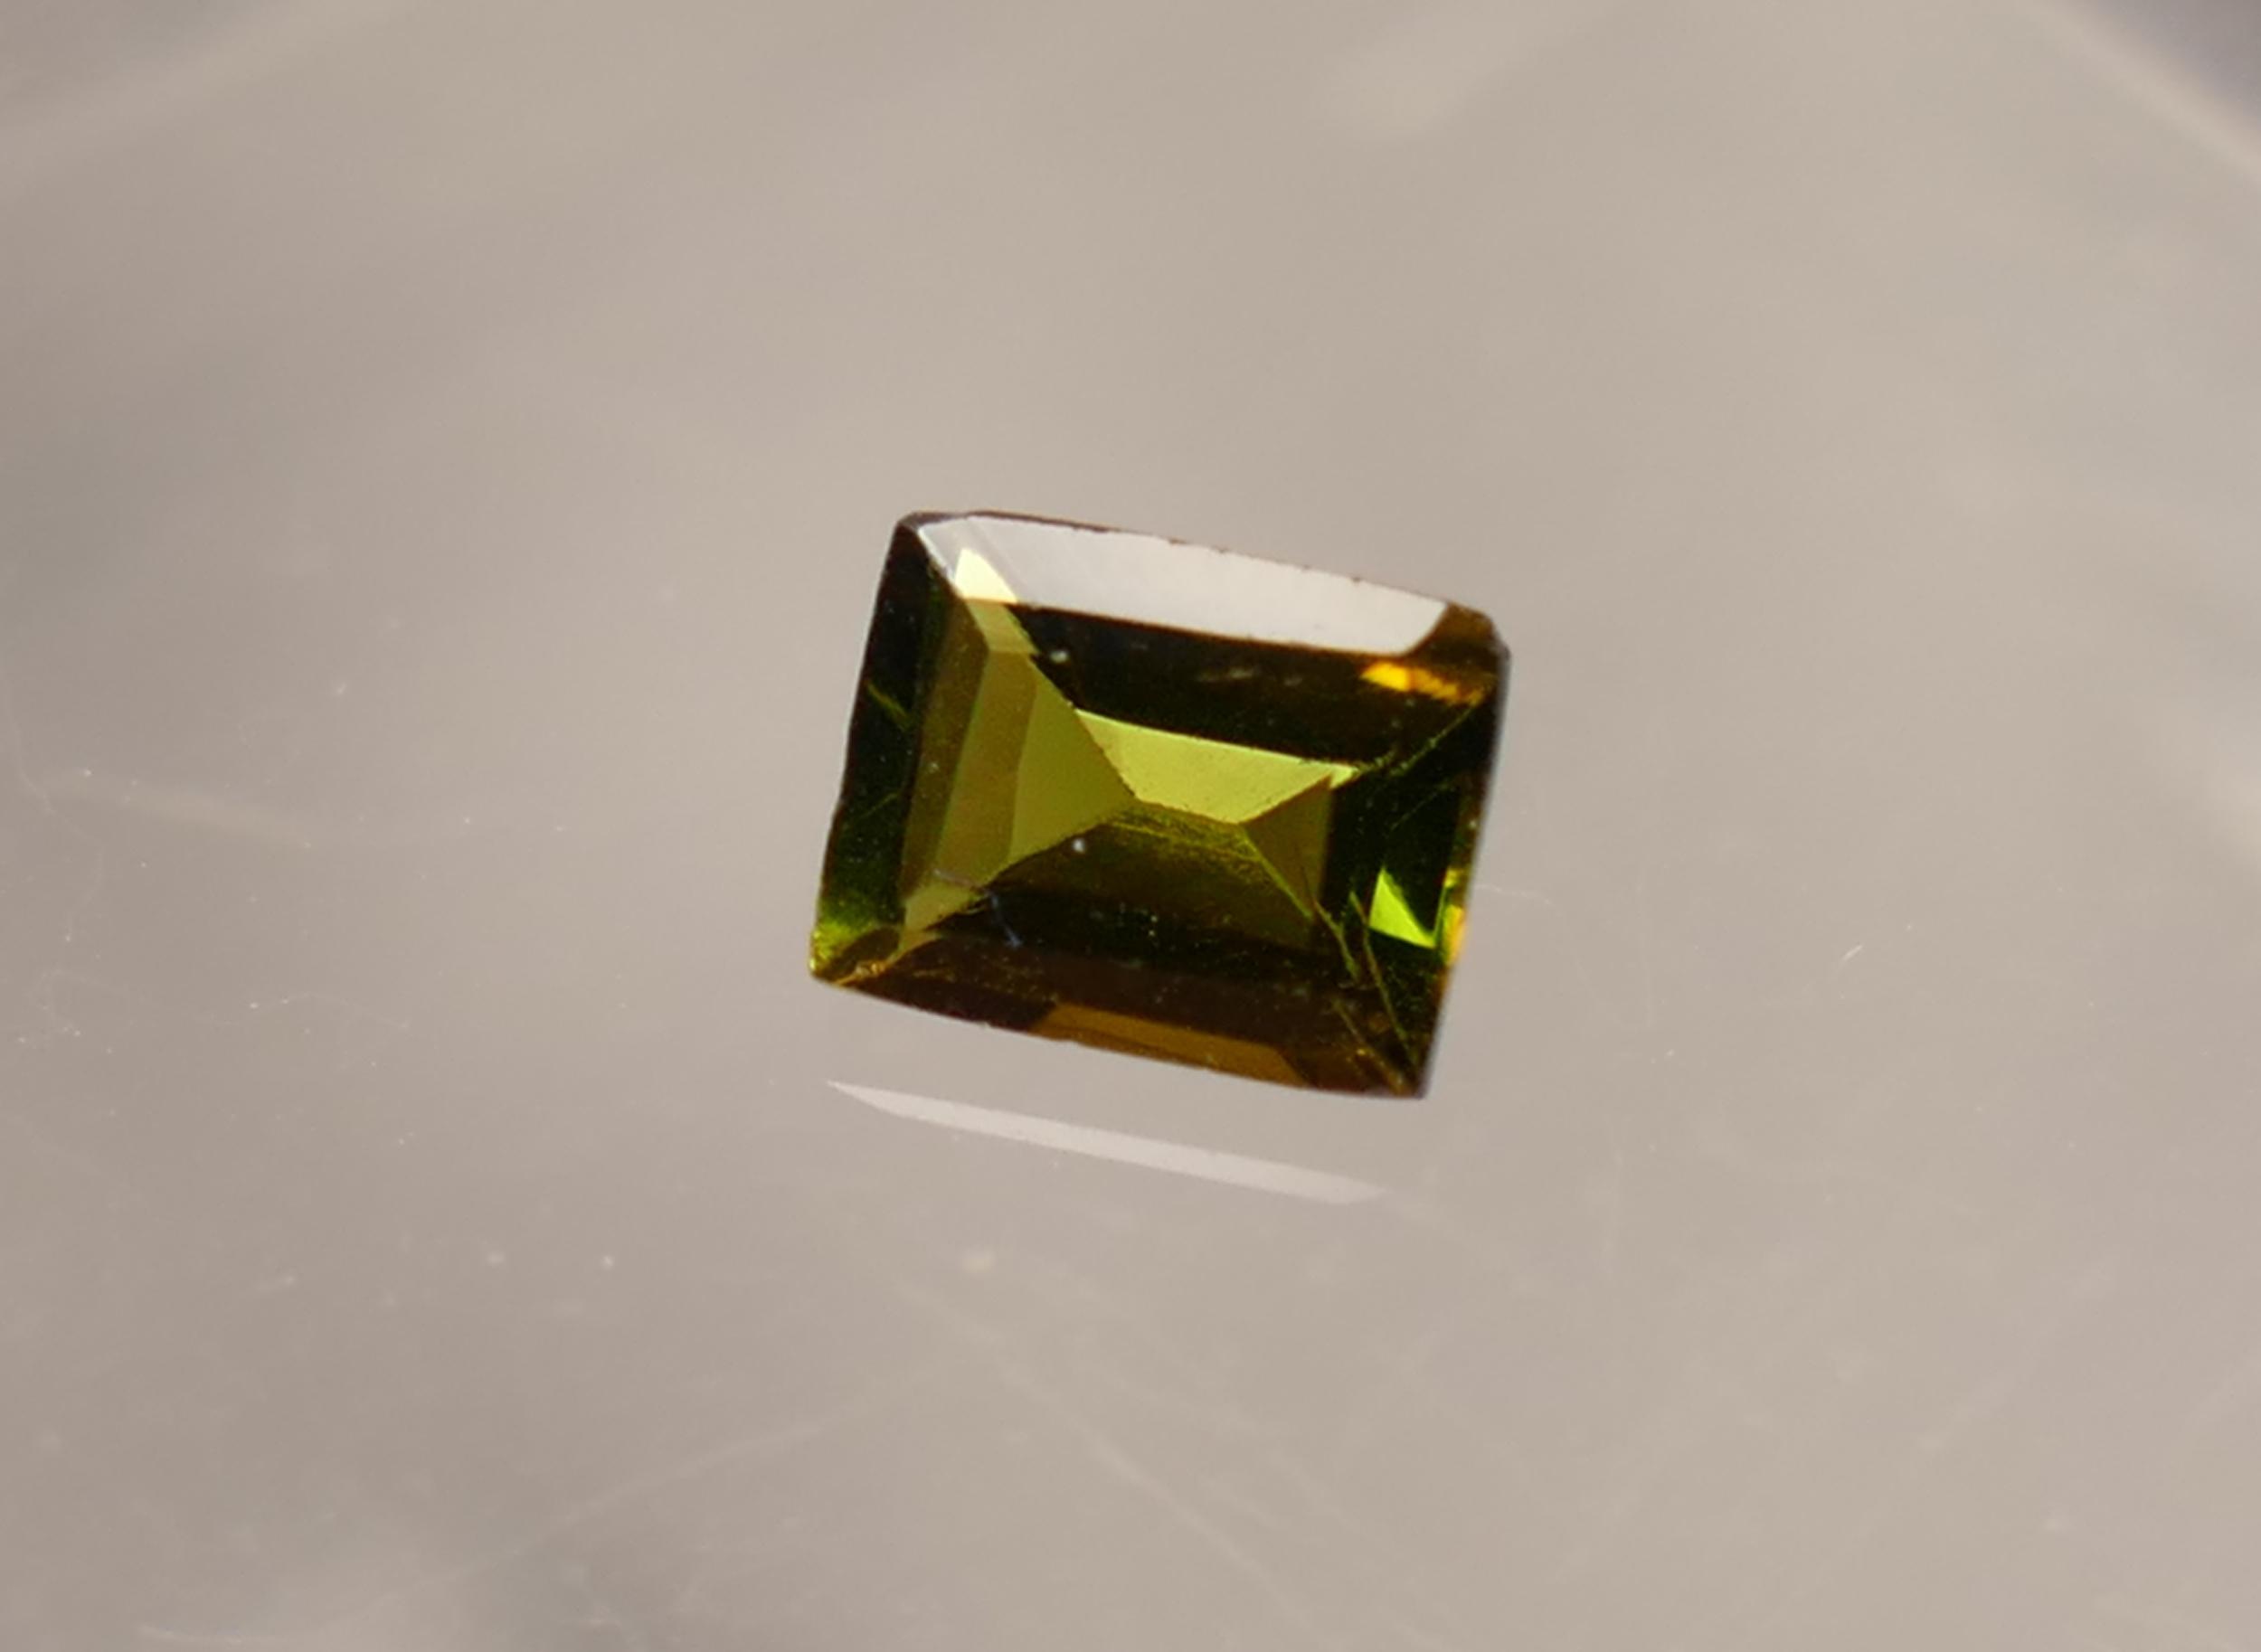 5x3.8mm Tourmaline naturelle verte brune Verdelite 0.44ct facettée en baguette du Brésil (#PB268)